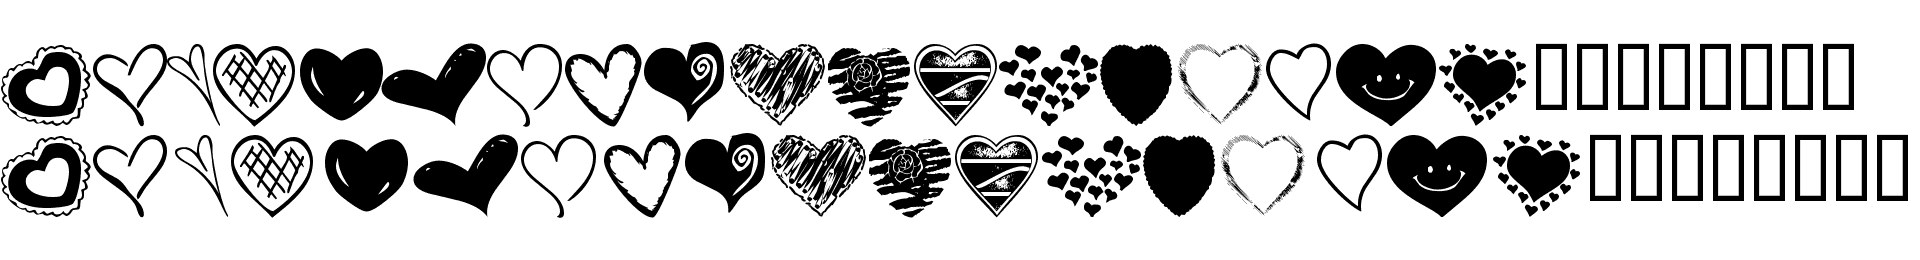 KR Heartalicious